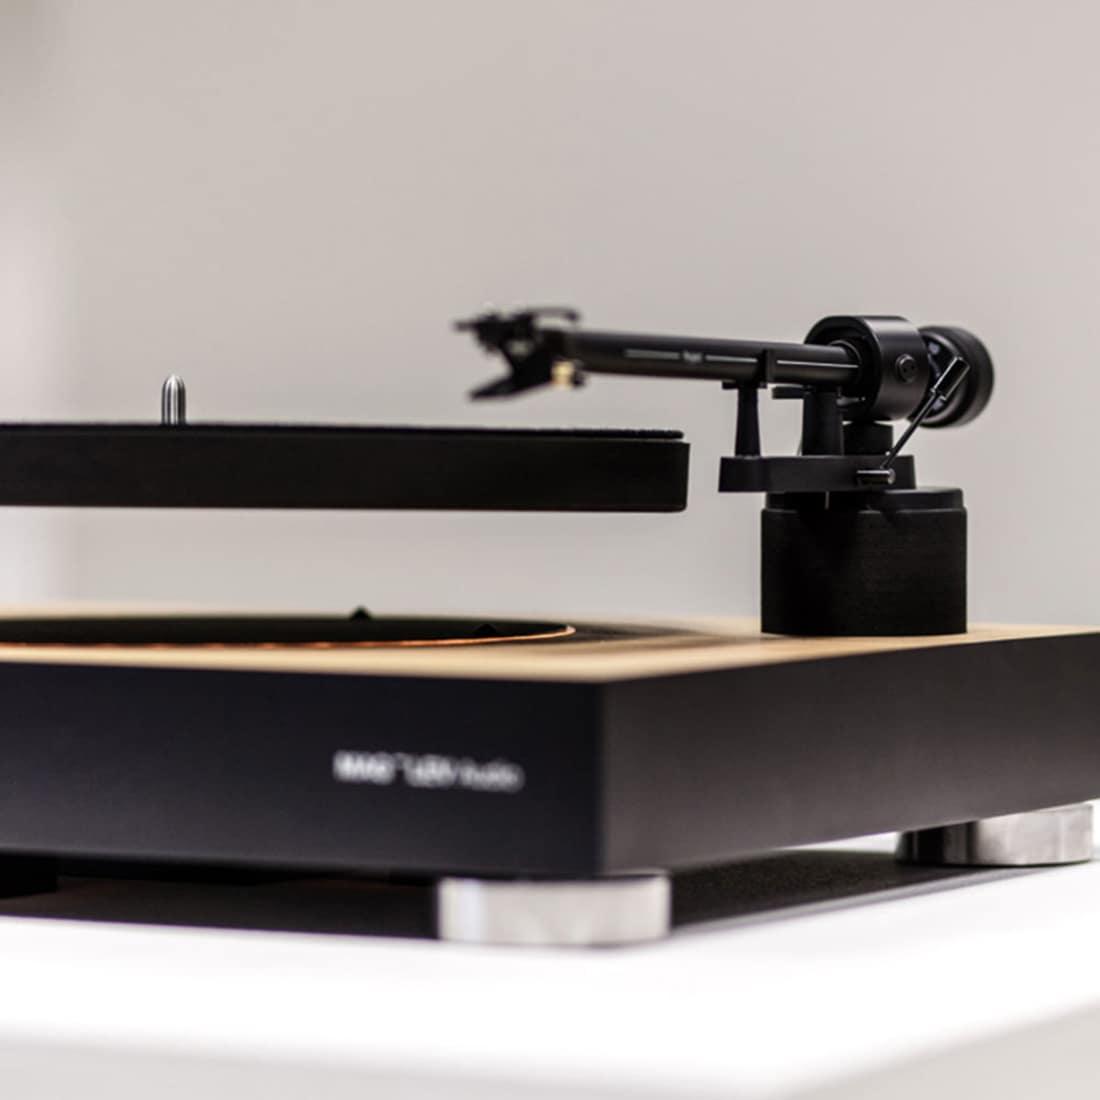 Der schwebende Plattenspieler von MAG-LEV Audio